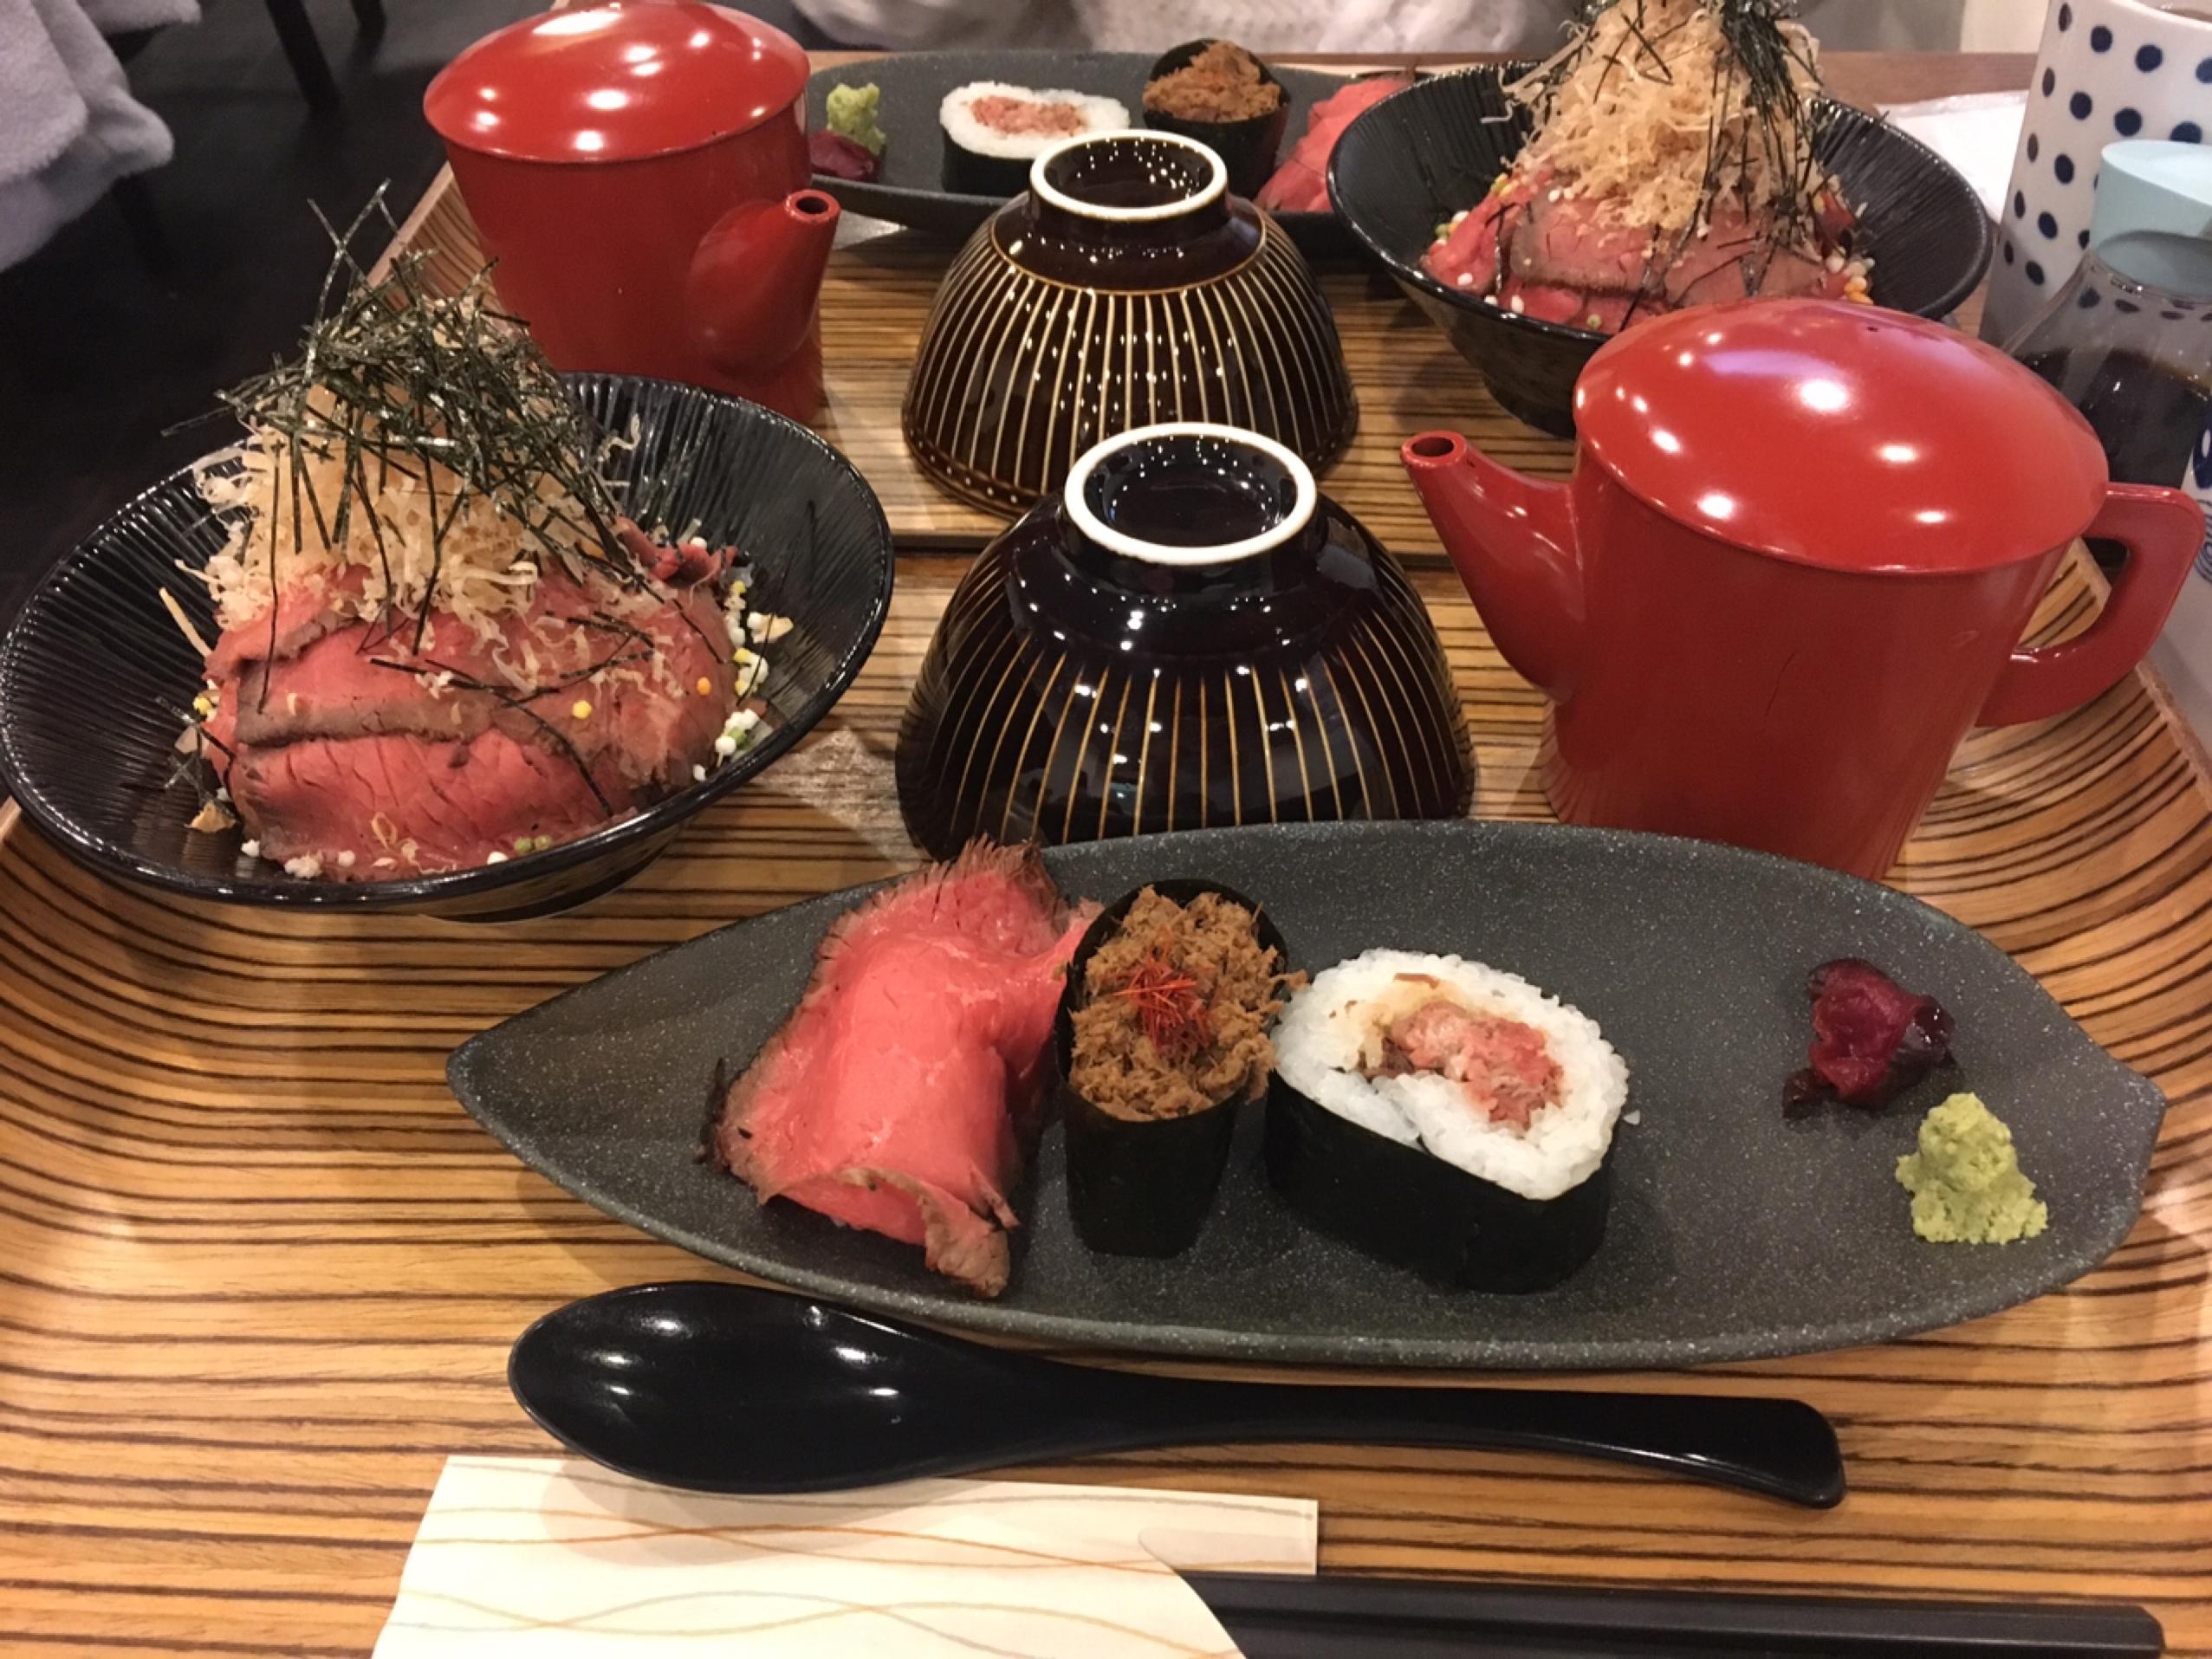 《京都グルメ女子旅》かわいい&おいしいを求めて!いちごシーズンの食い倒れプラン_3